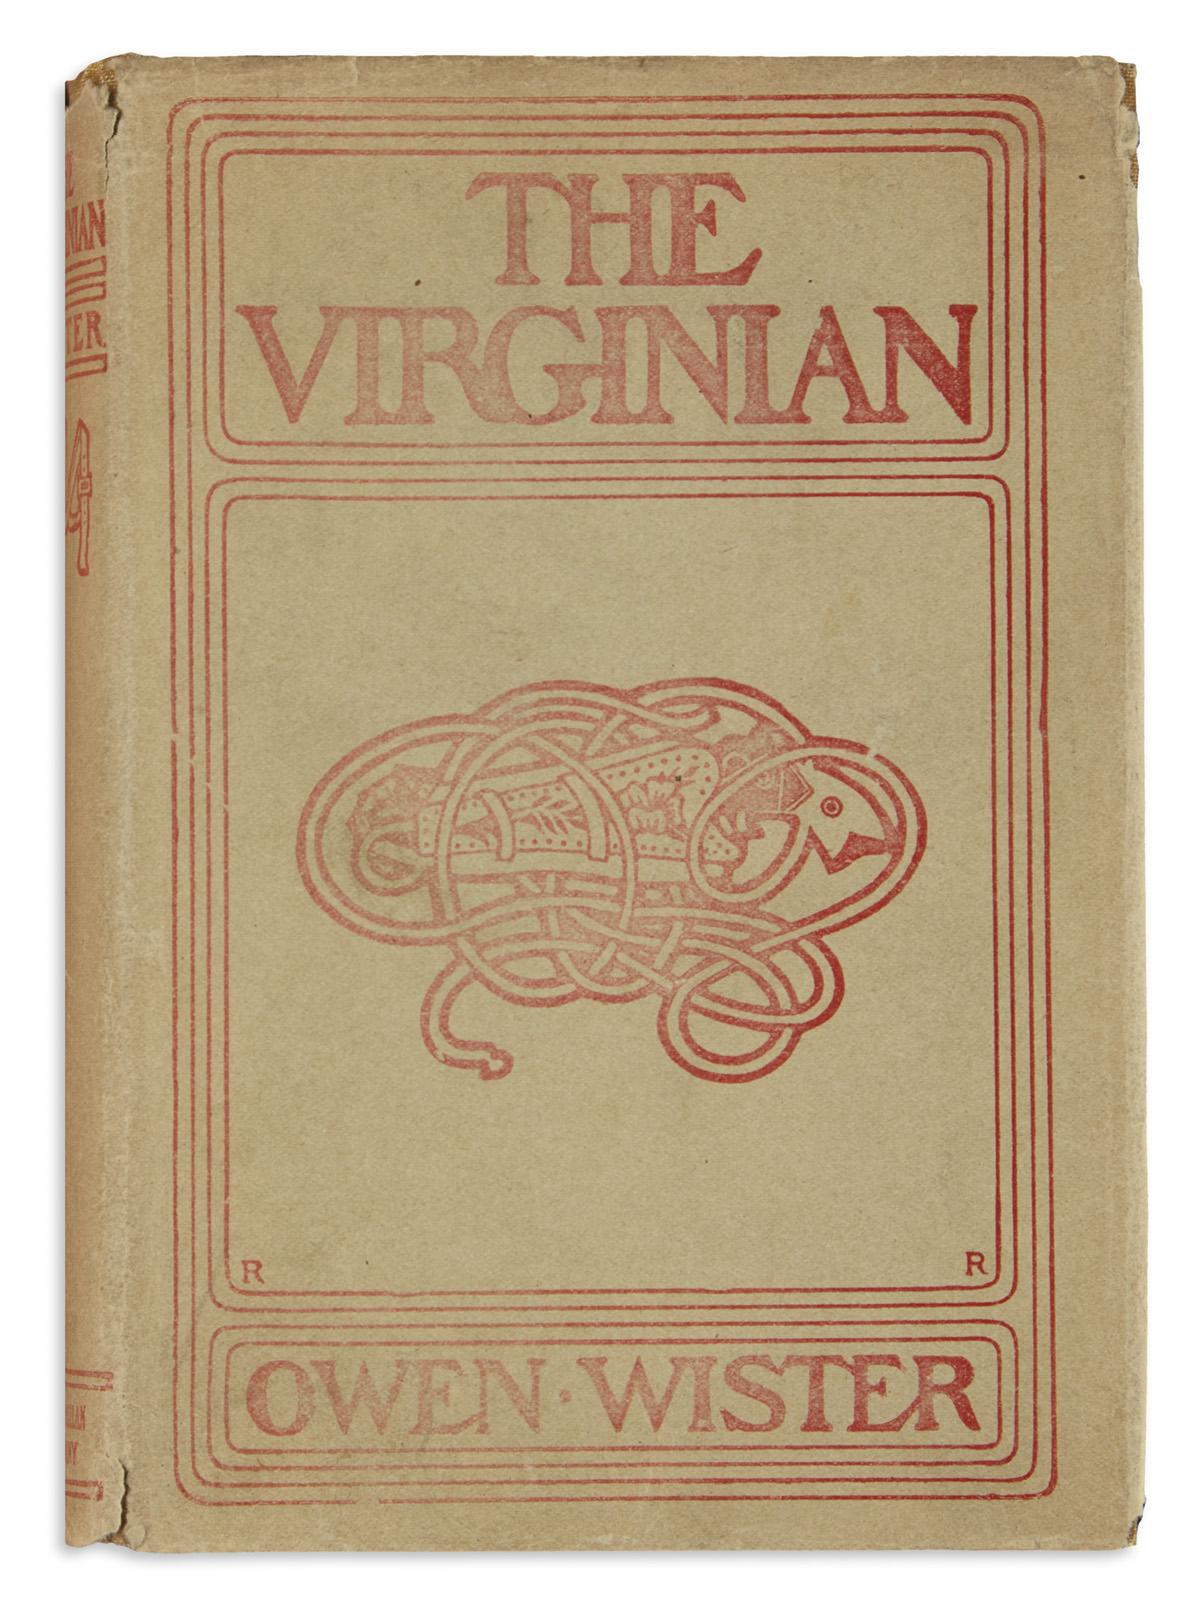 WISTER-OWEN-The-Virginian-A-Horseman-of-the-Plains